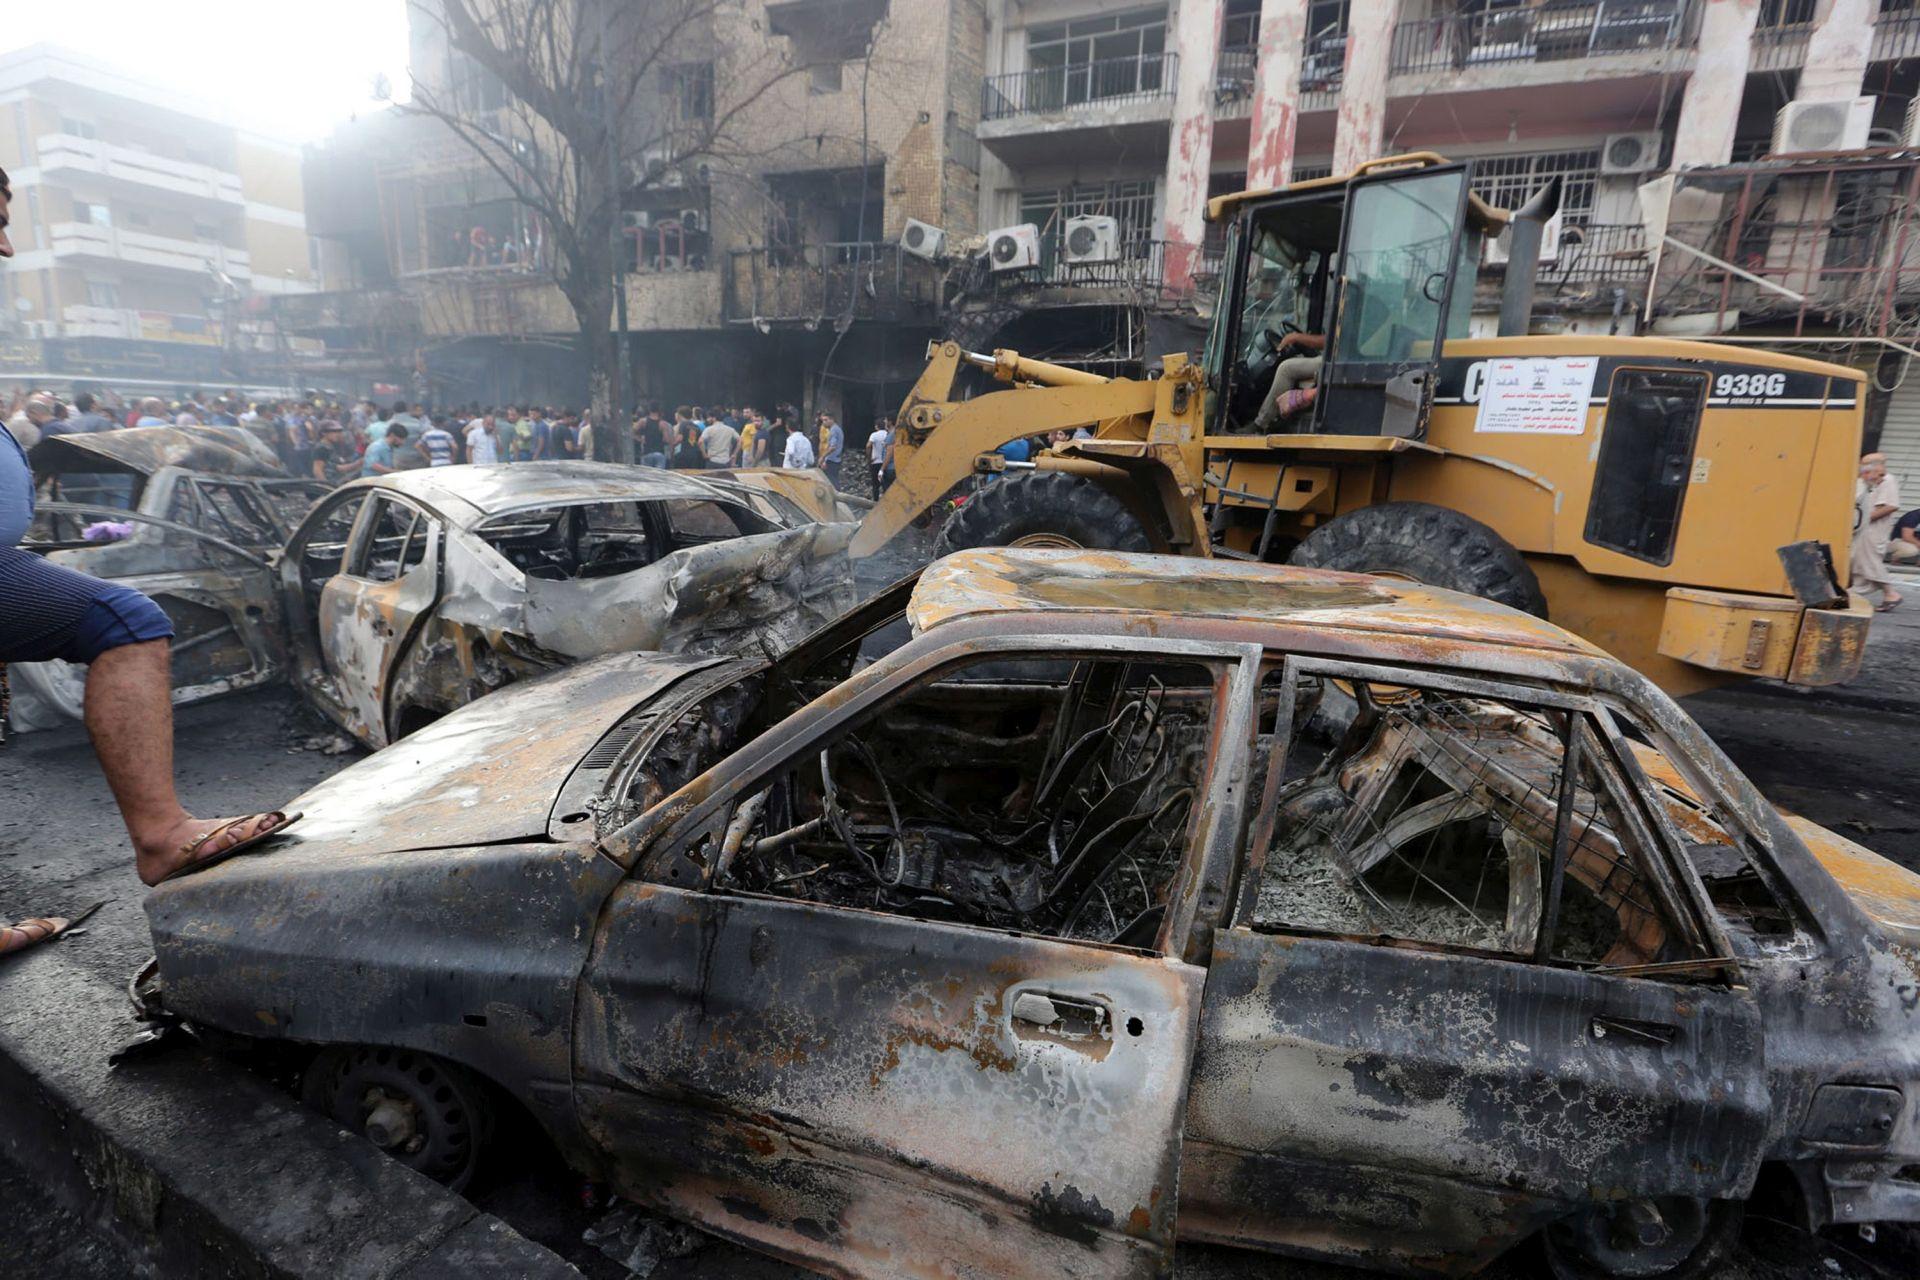 NOVI PODACI: Više od 200 mrtvih u napadu IS-a u Bagdadu